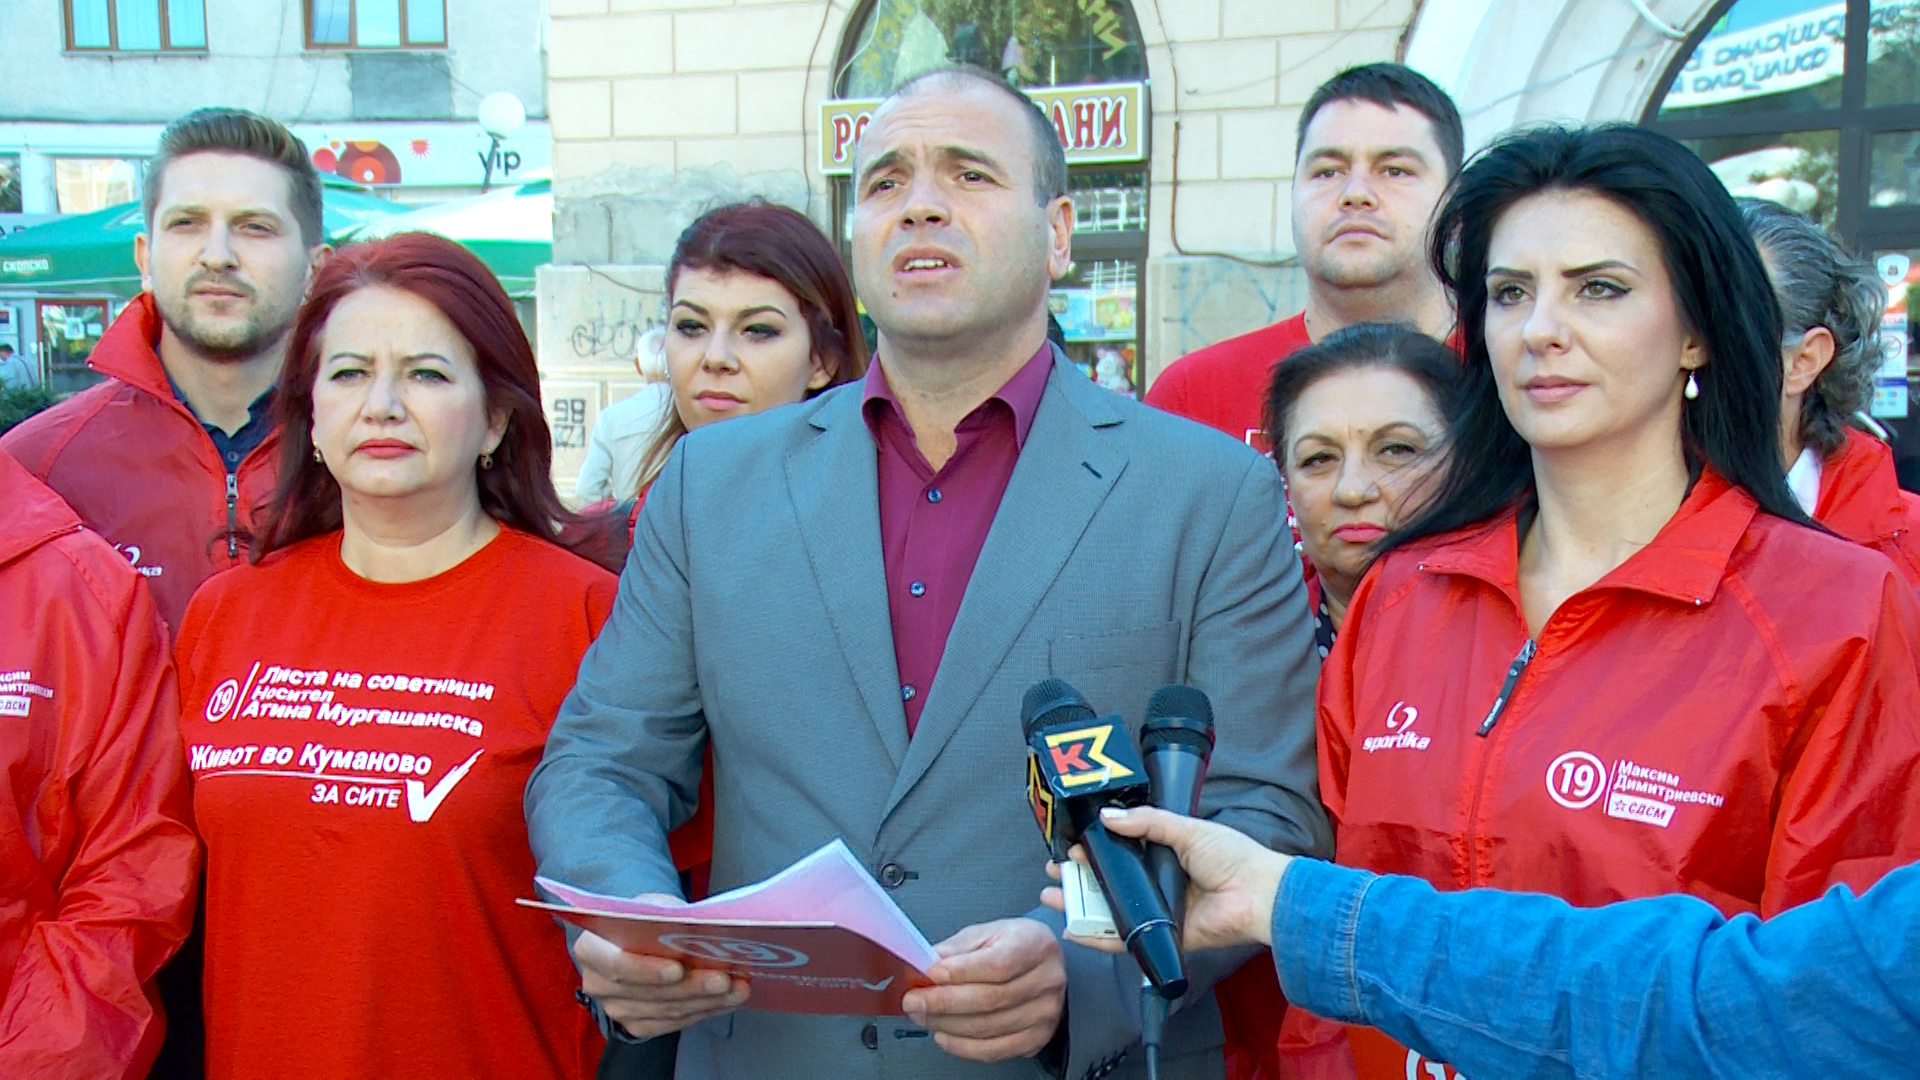 Димитриевски: Поддршка за модерно и урбано Куманово